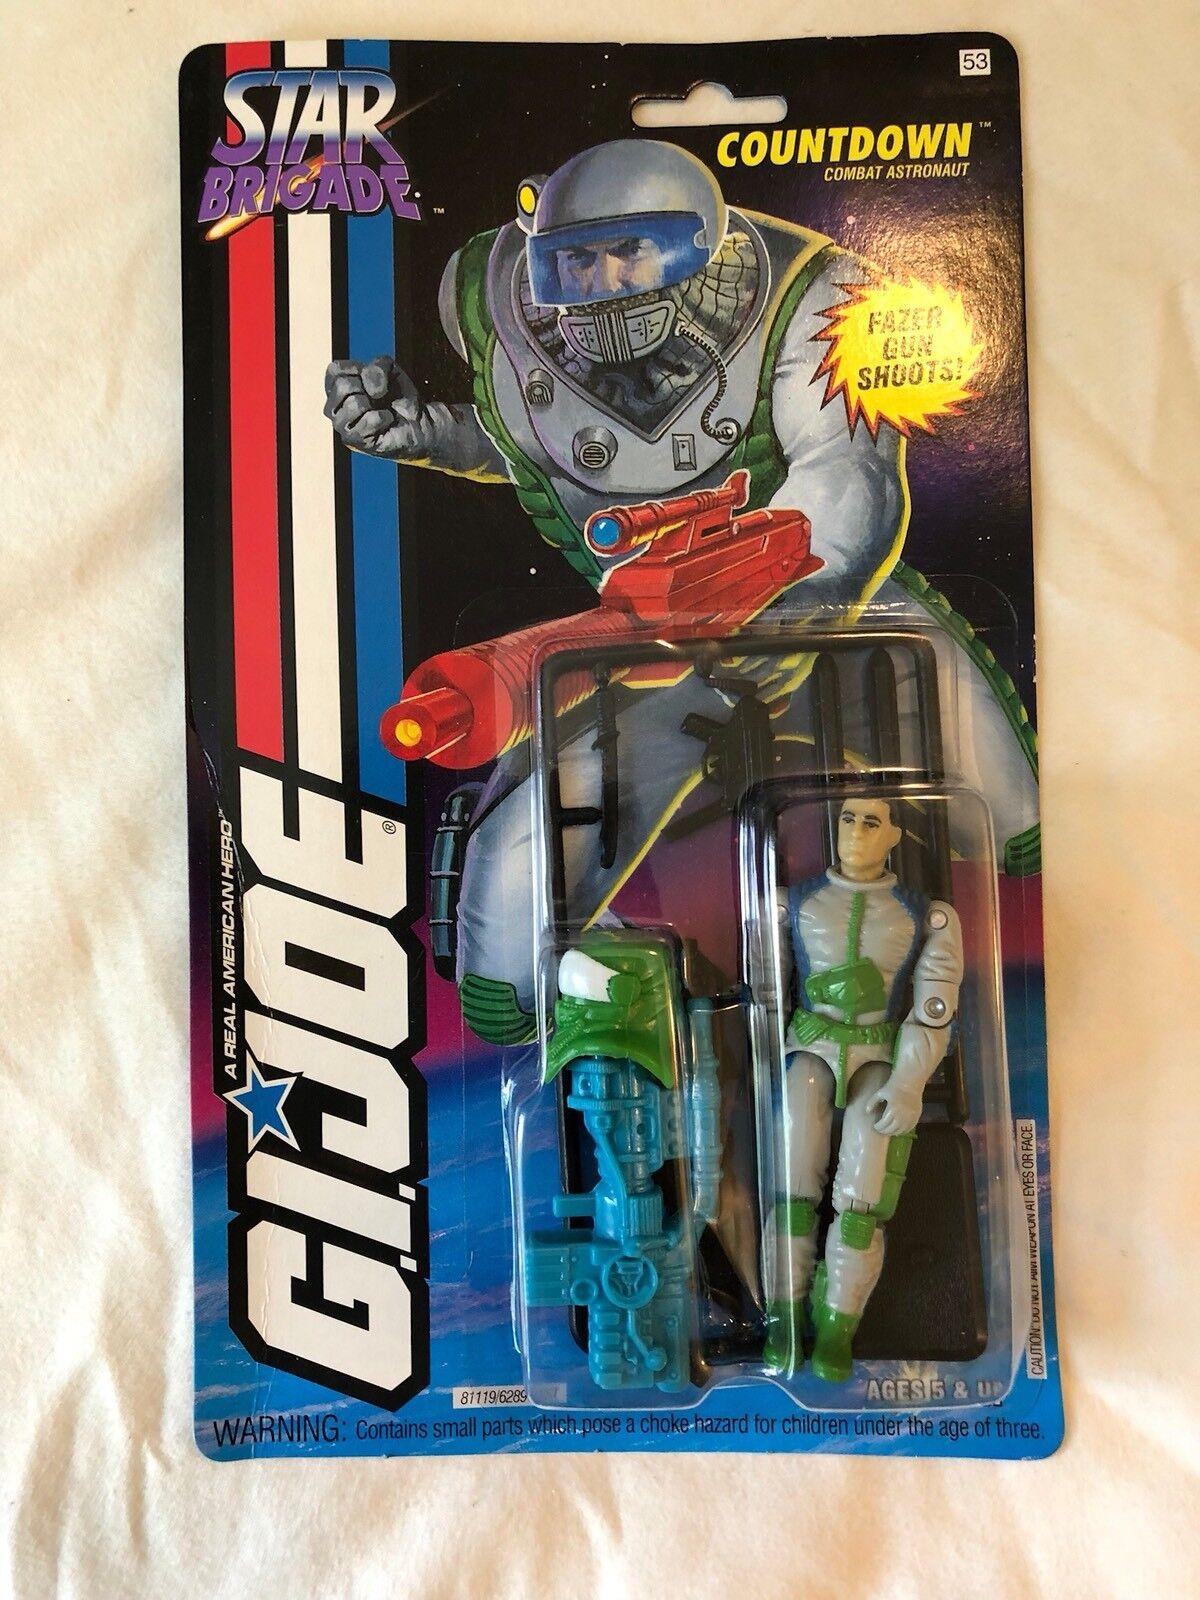 Projootipo De Colección Gi Joe Star Brigade cuenta regresiva (blancoo Visera) 1993 menta en tarjeta